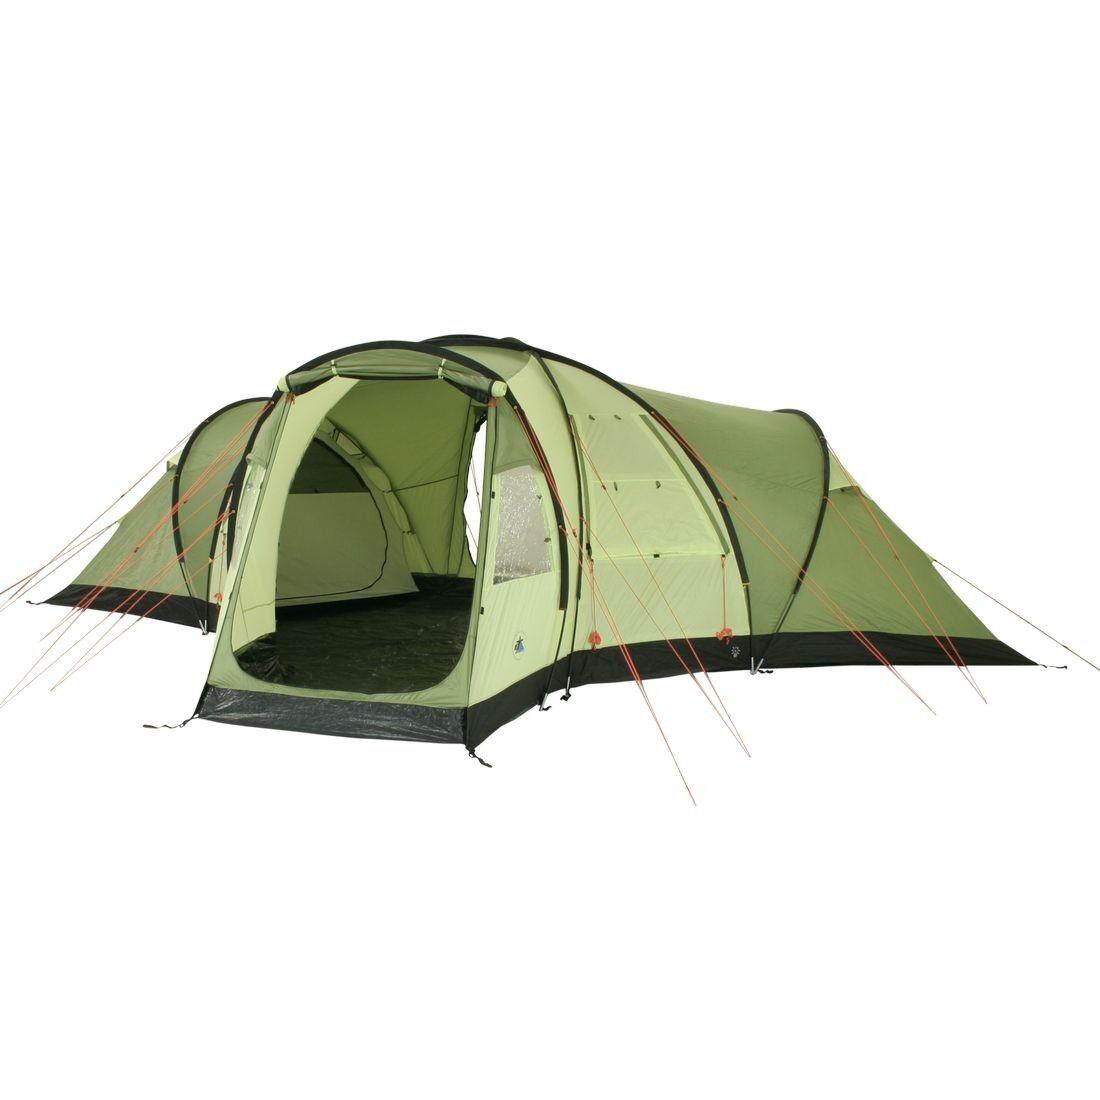 10T Camping-Zelt Highhills, 6 Personen Kuppelzelt, Fami… | 04260181761602